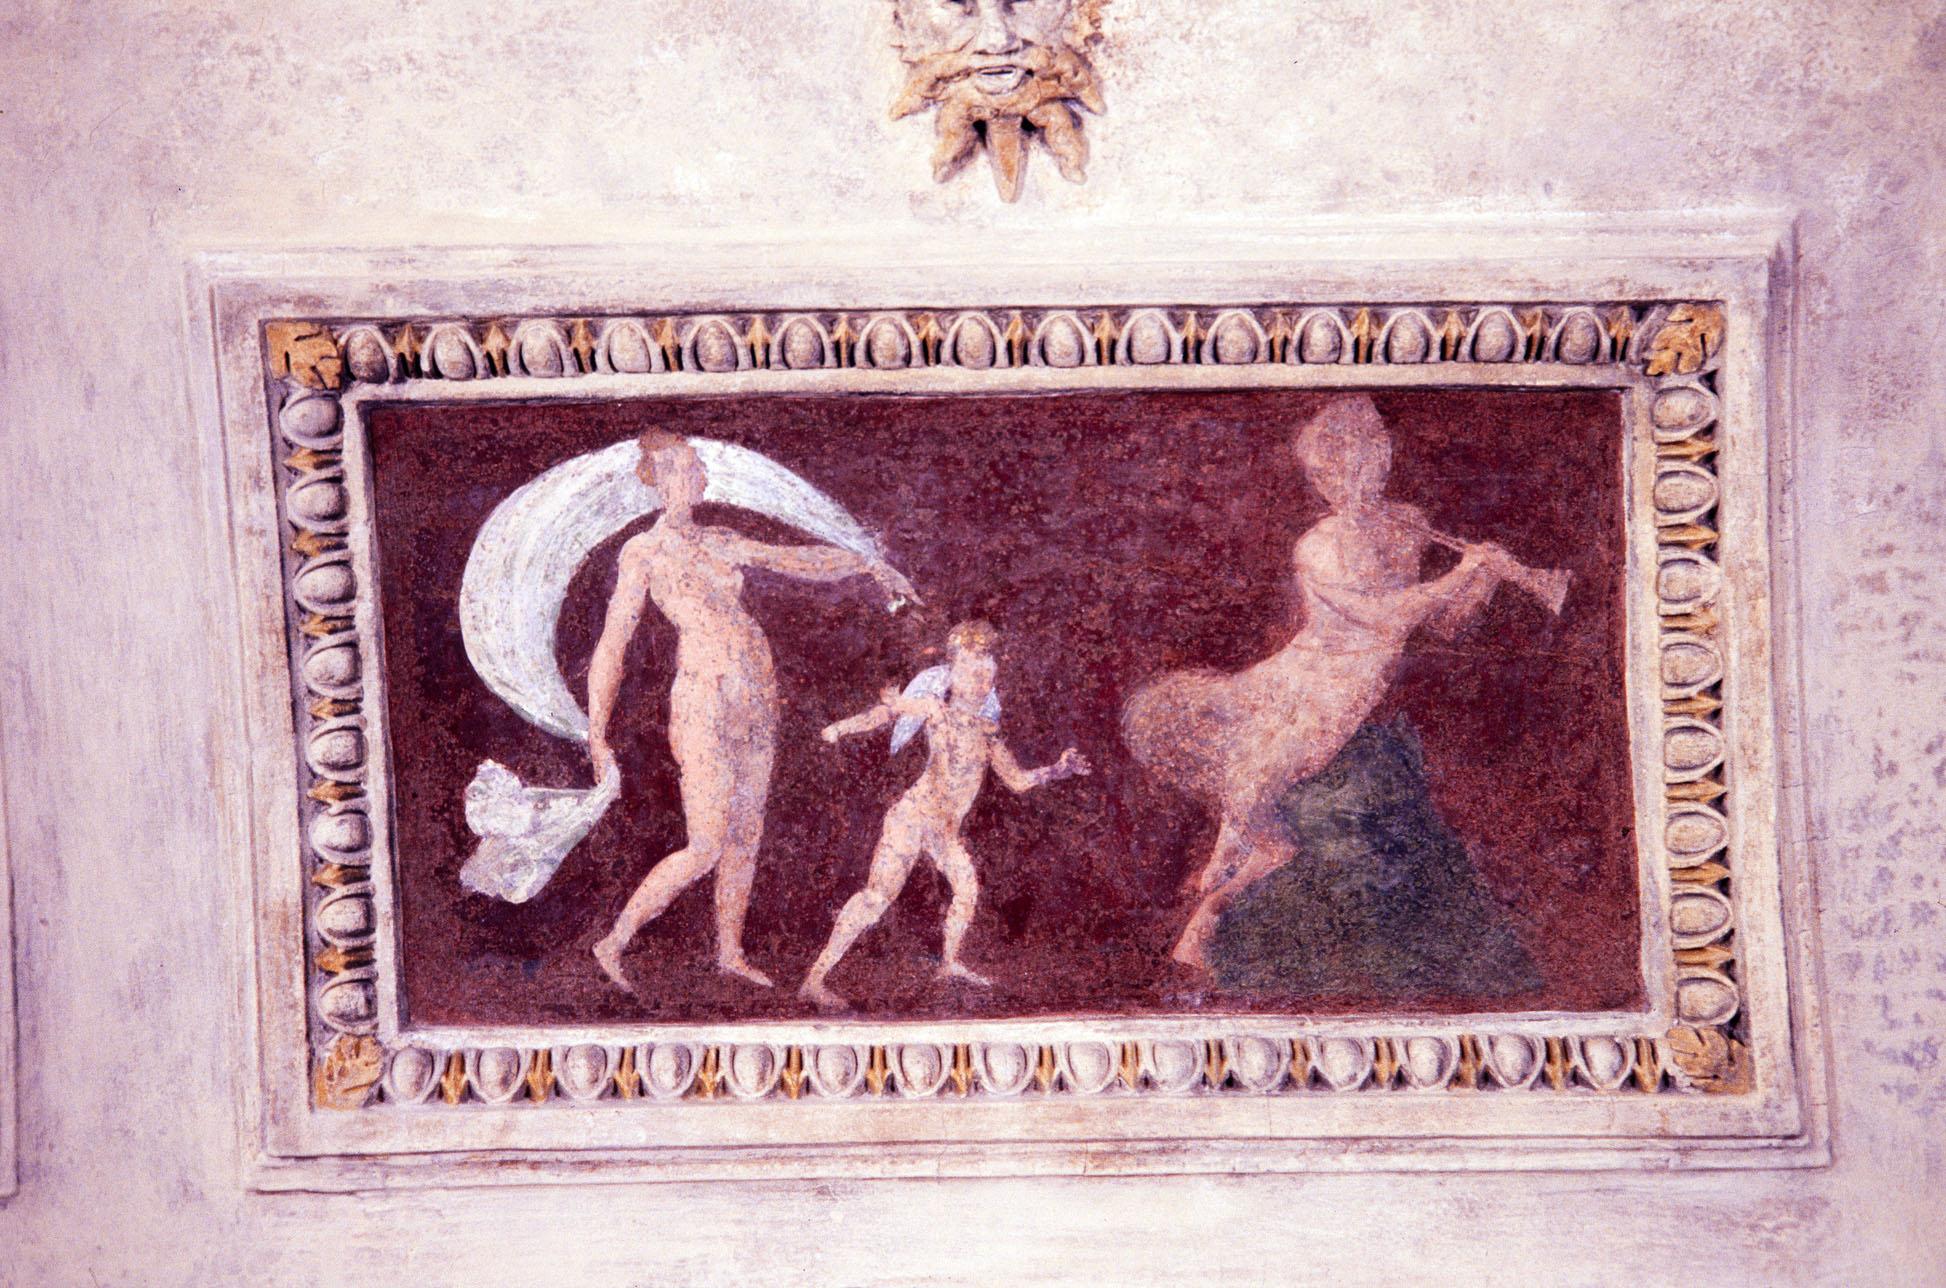 motivi decorativi a grottesche (decorazione plastico-pittorica, complesso decorativo) di Siciolante Girolamo (sec. XVI)